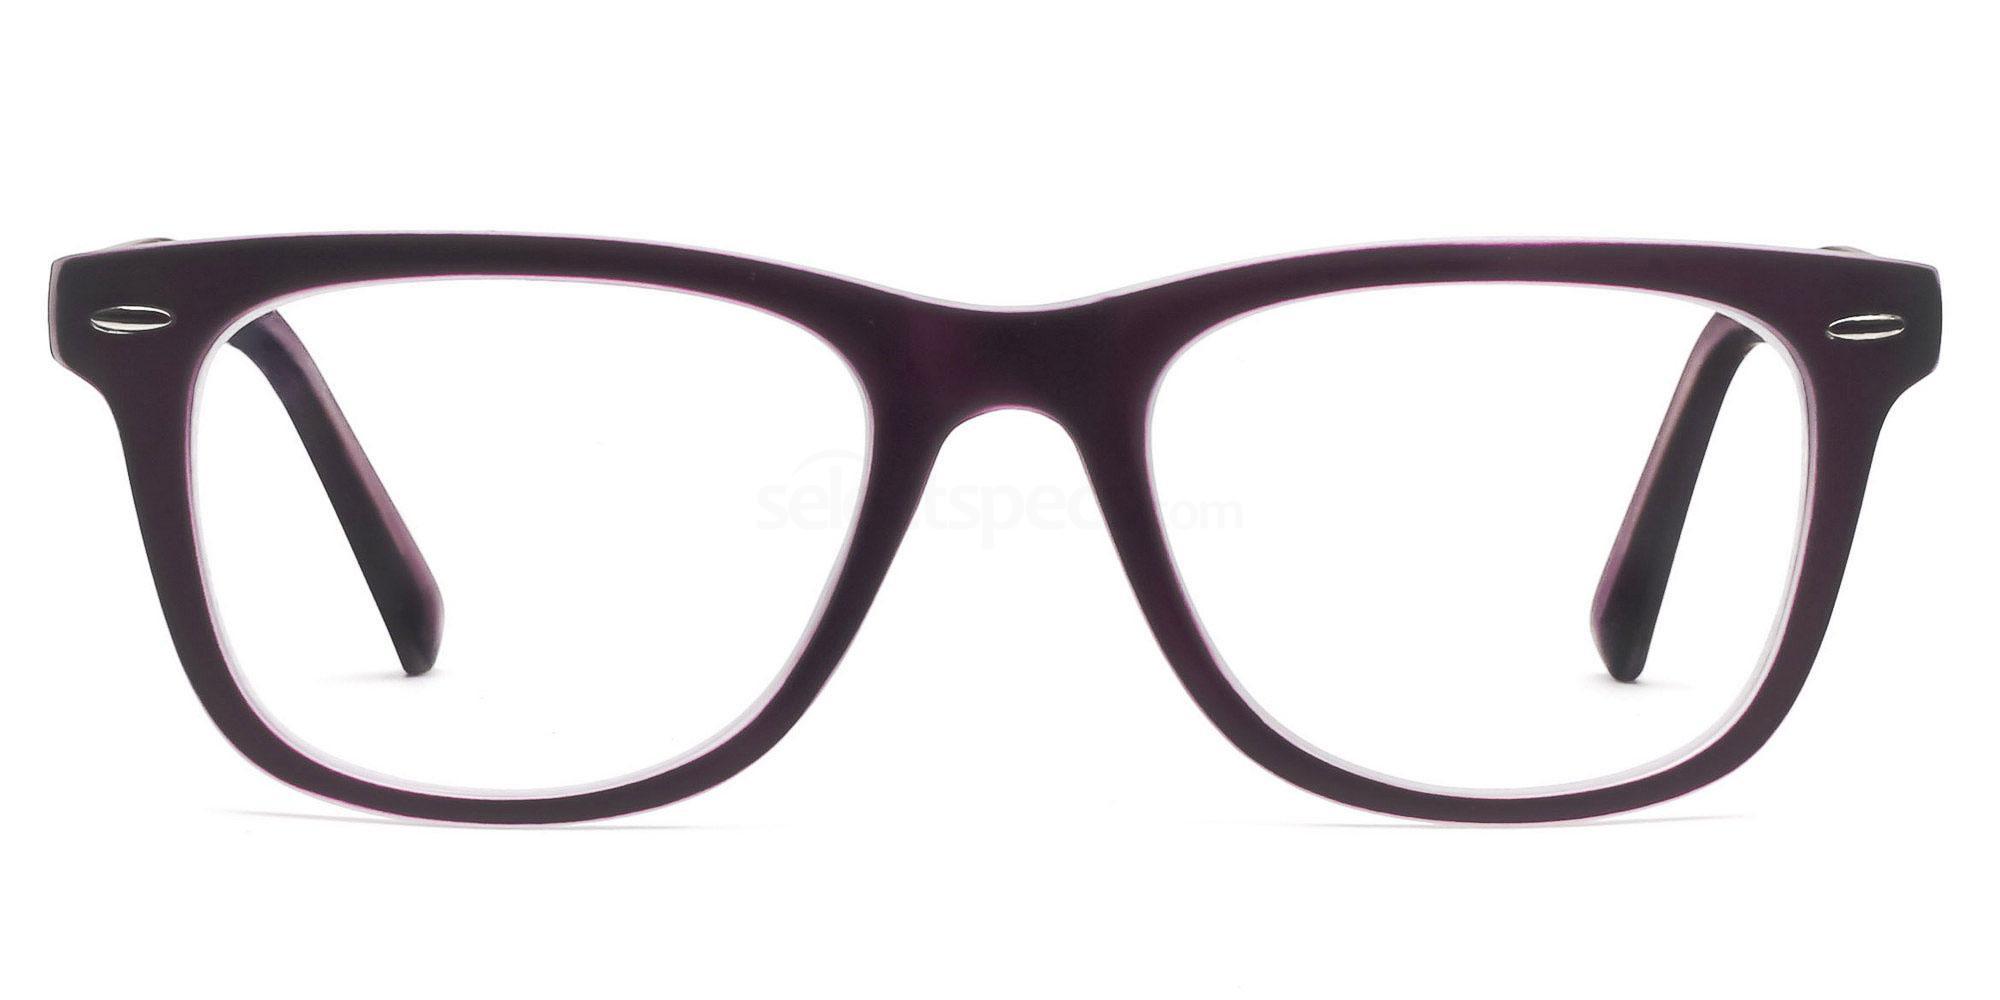 C12 8121 - Purple on Transparent Glasses, Savannah